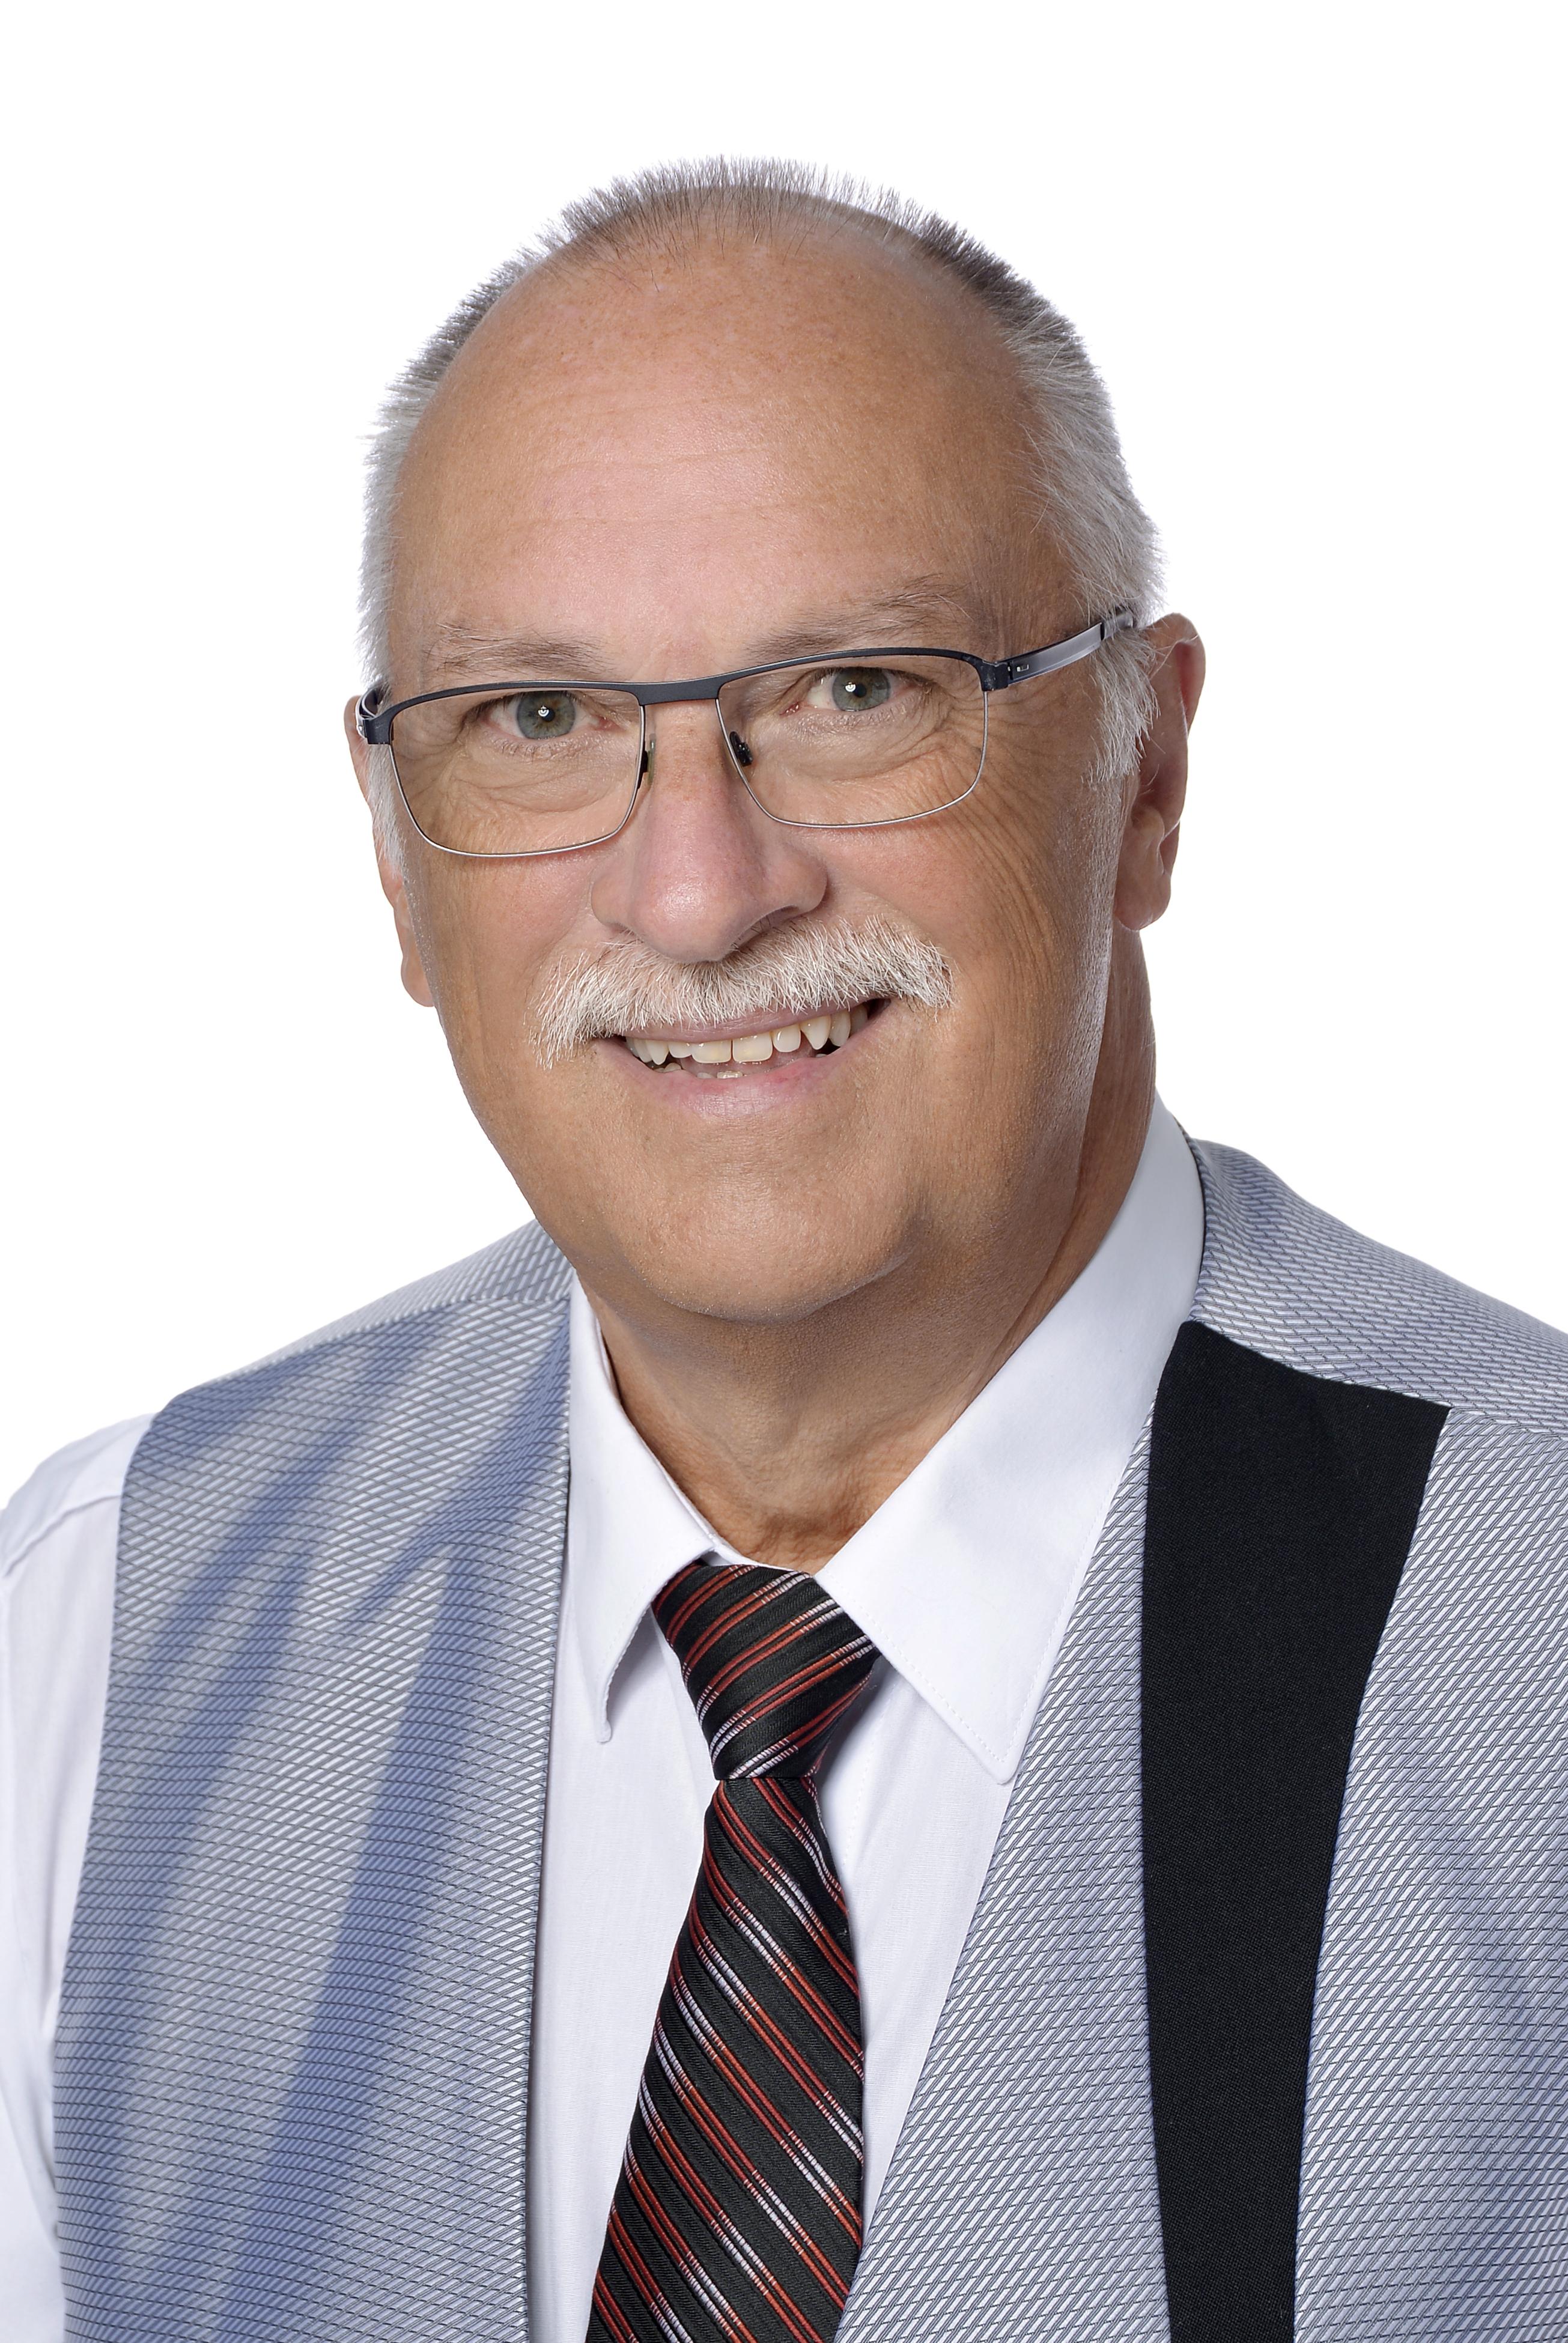 Frieden Werner